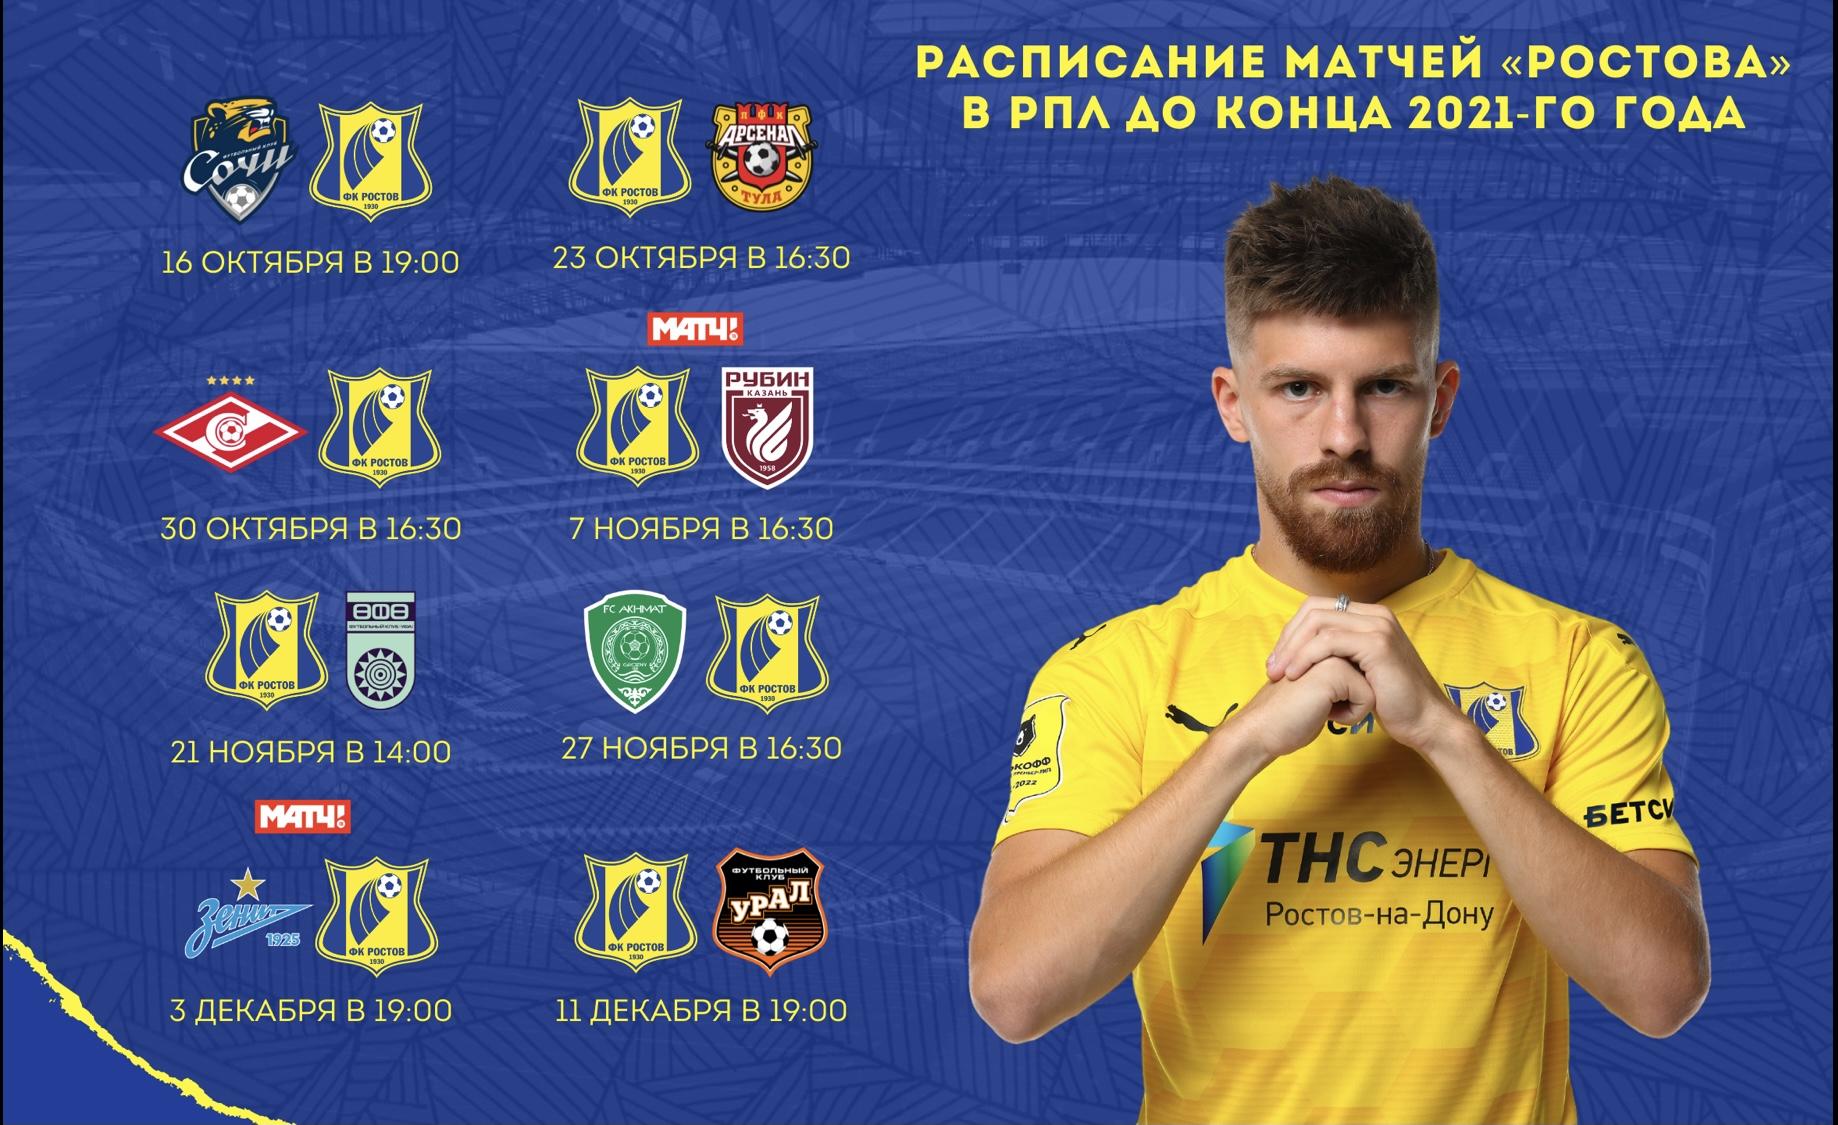 Матчи «Ростова» в 11 – 18 турах РПЛ